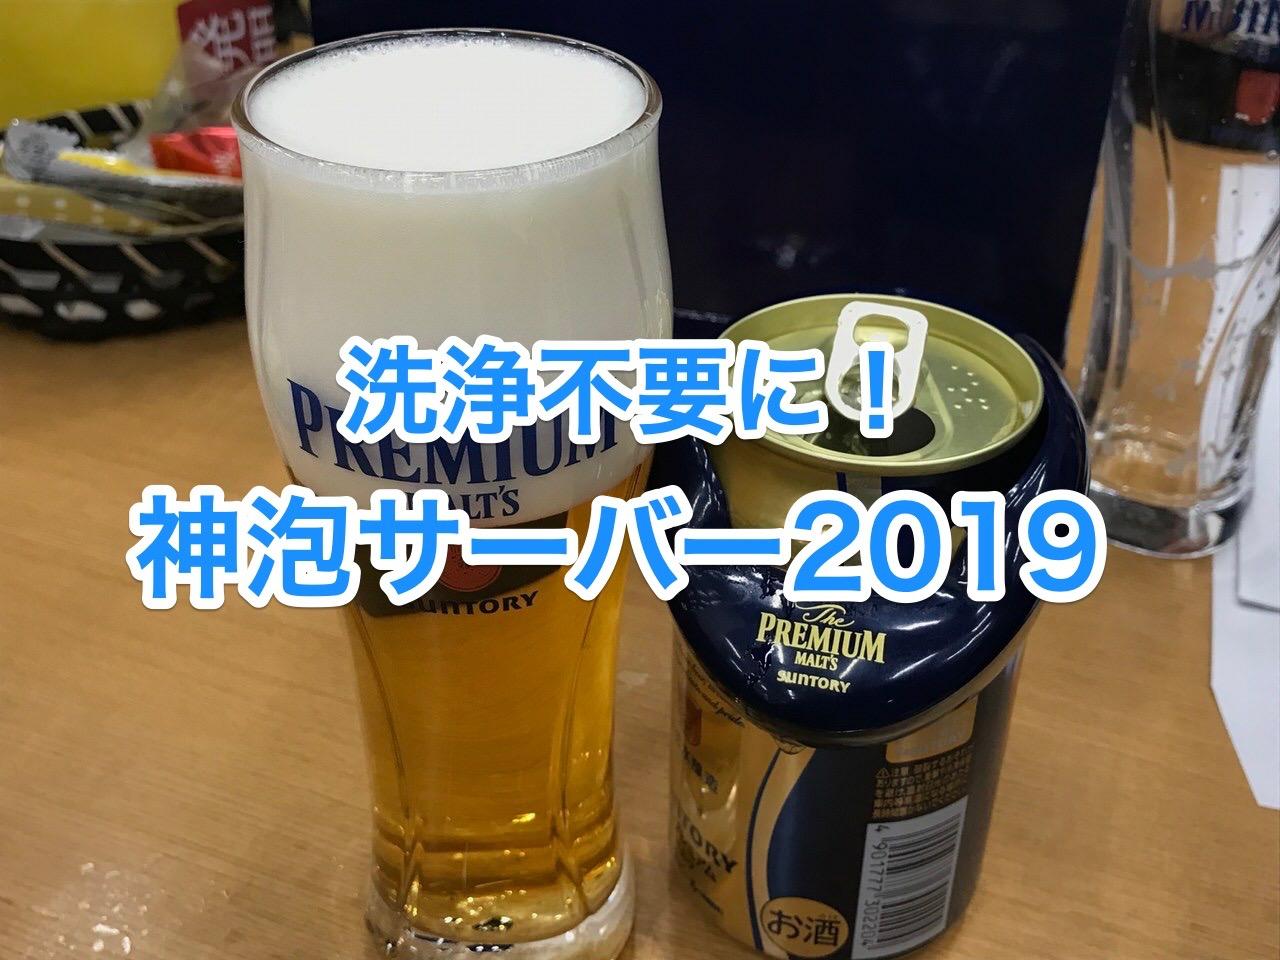 【電動】「神泡サーバー2019」洗浄不要!缶ビールでもちもちクリーミーな美味い泡を実現【コツ】